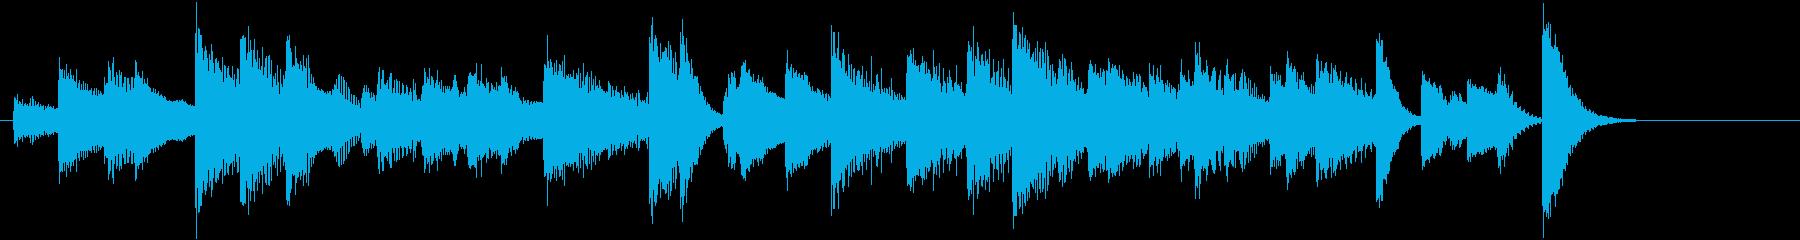 「花のワルツ」クラシックピアノジングルBの再生済みの波形